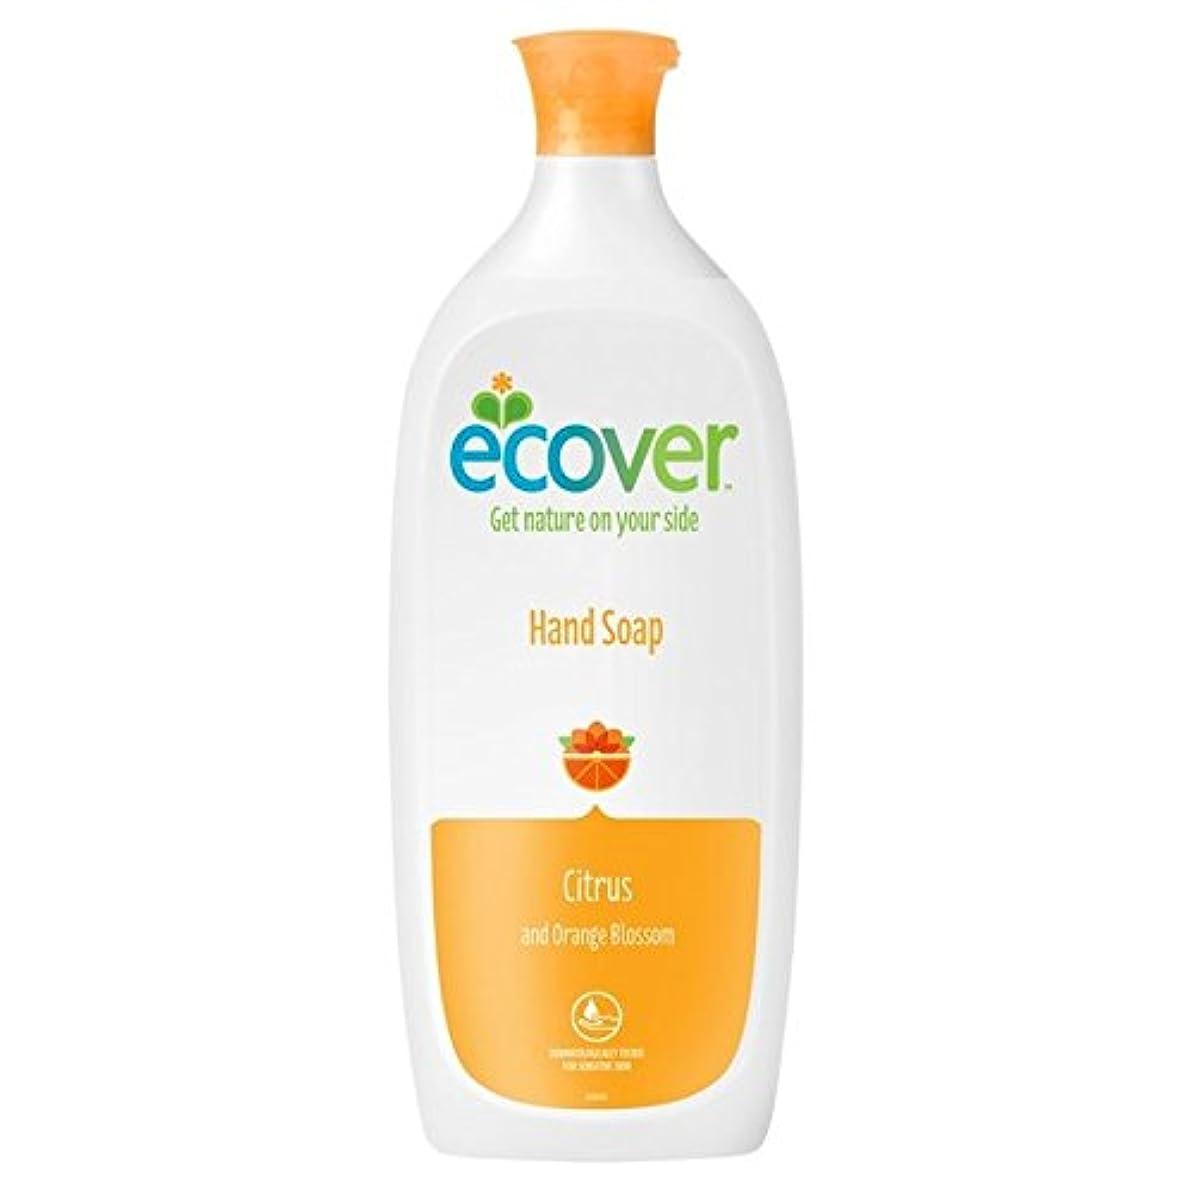 出発する私たちのもの不良エコベール液体石鹸シトラス&オレンジの花のリフィル1リットル x4 - Ecover Liquid Soap Citrus & Orange Blossom Refill 1L (Pack of 4) [並行輸入品]